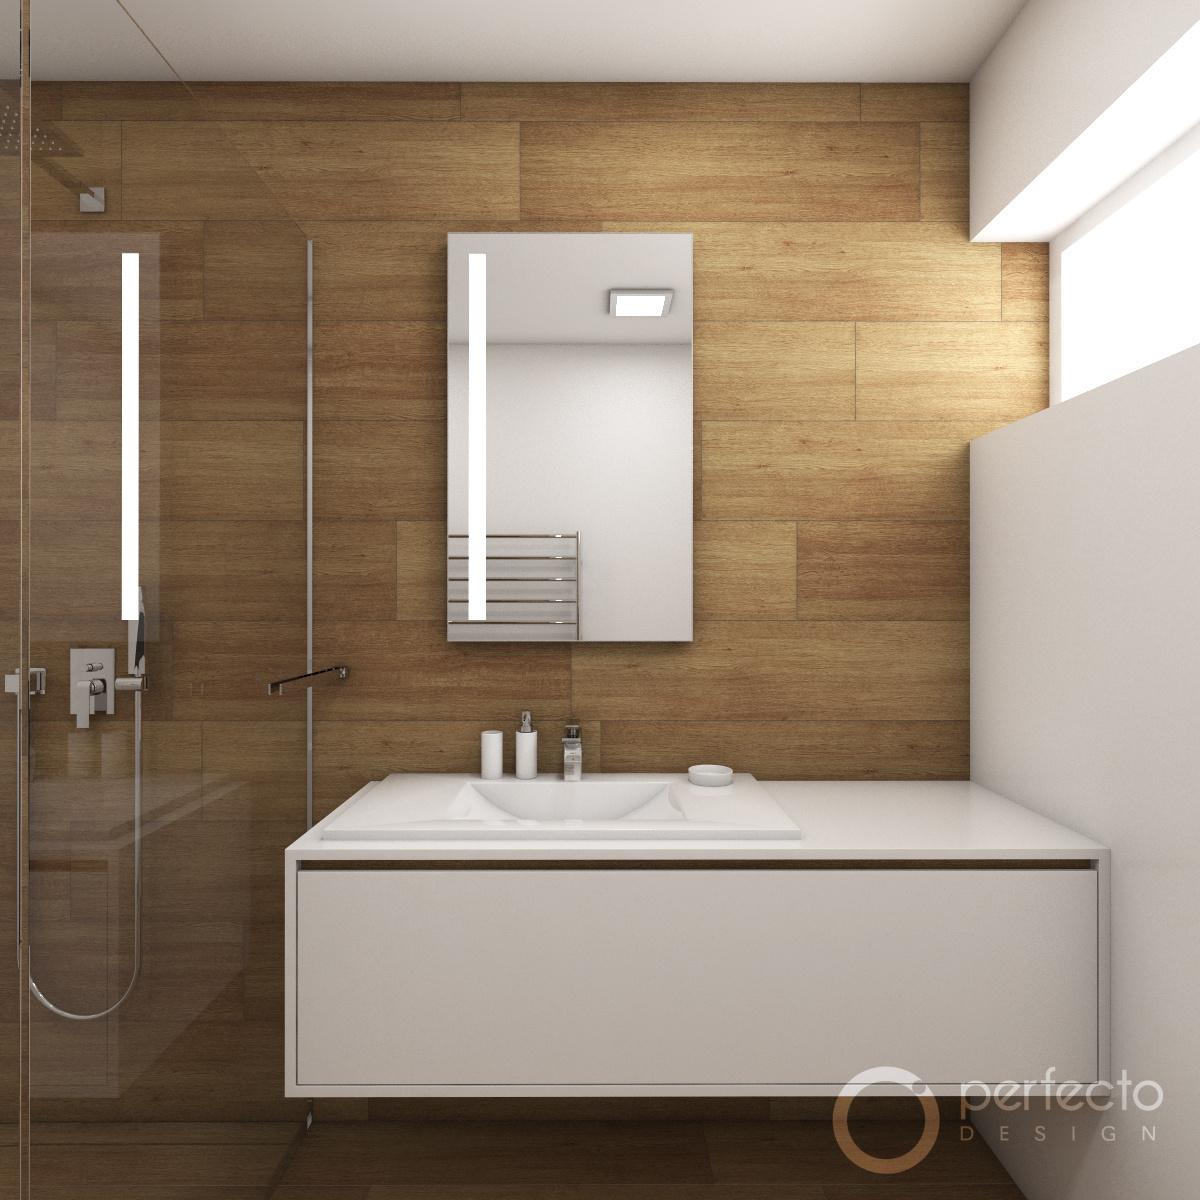 modernes badezimmer cabin perfecto design. Black Bedroom Furniture Sets. Home Design Ideas